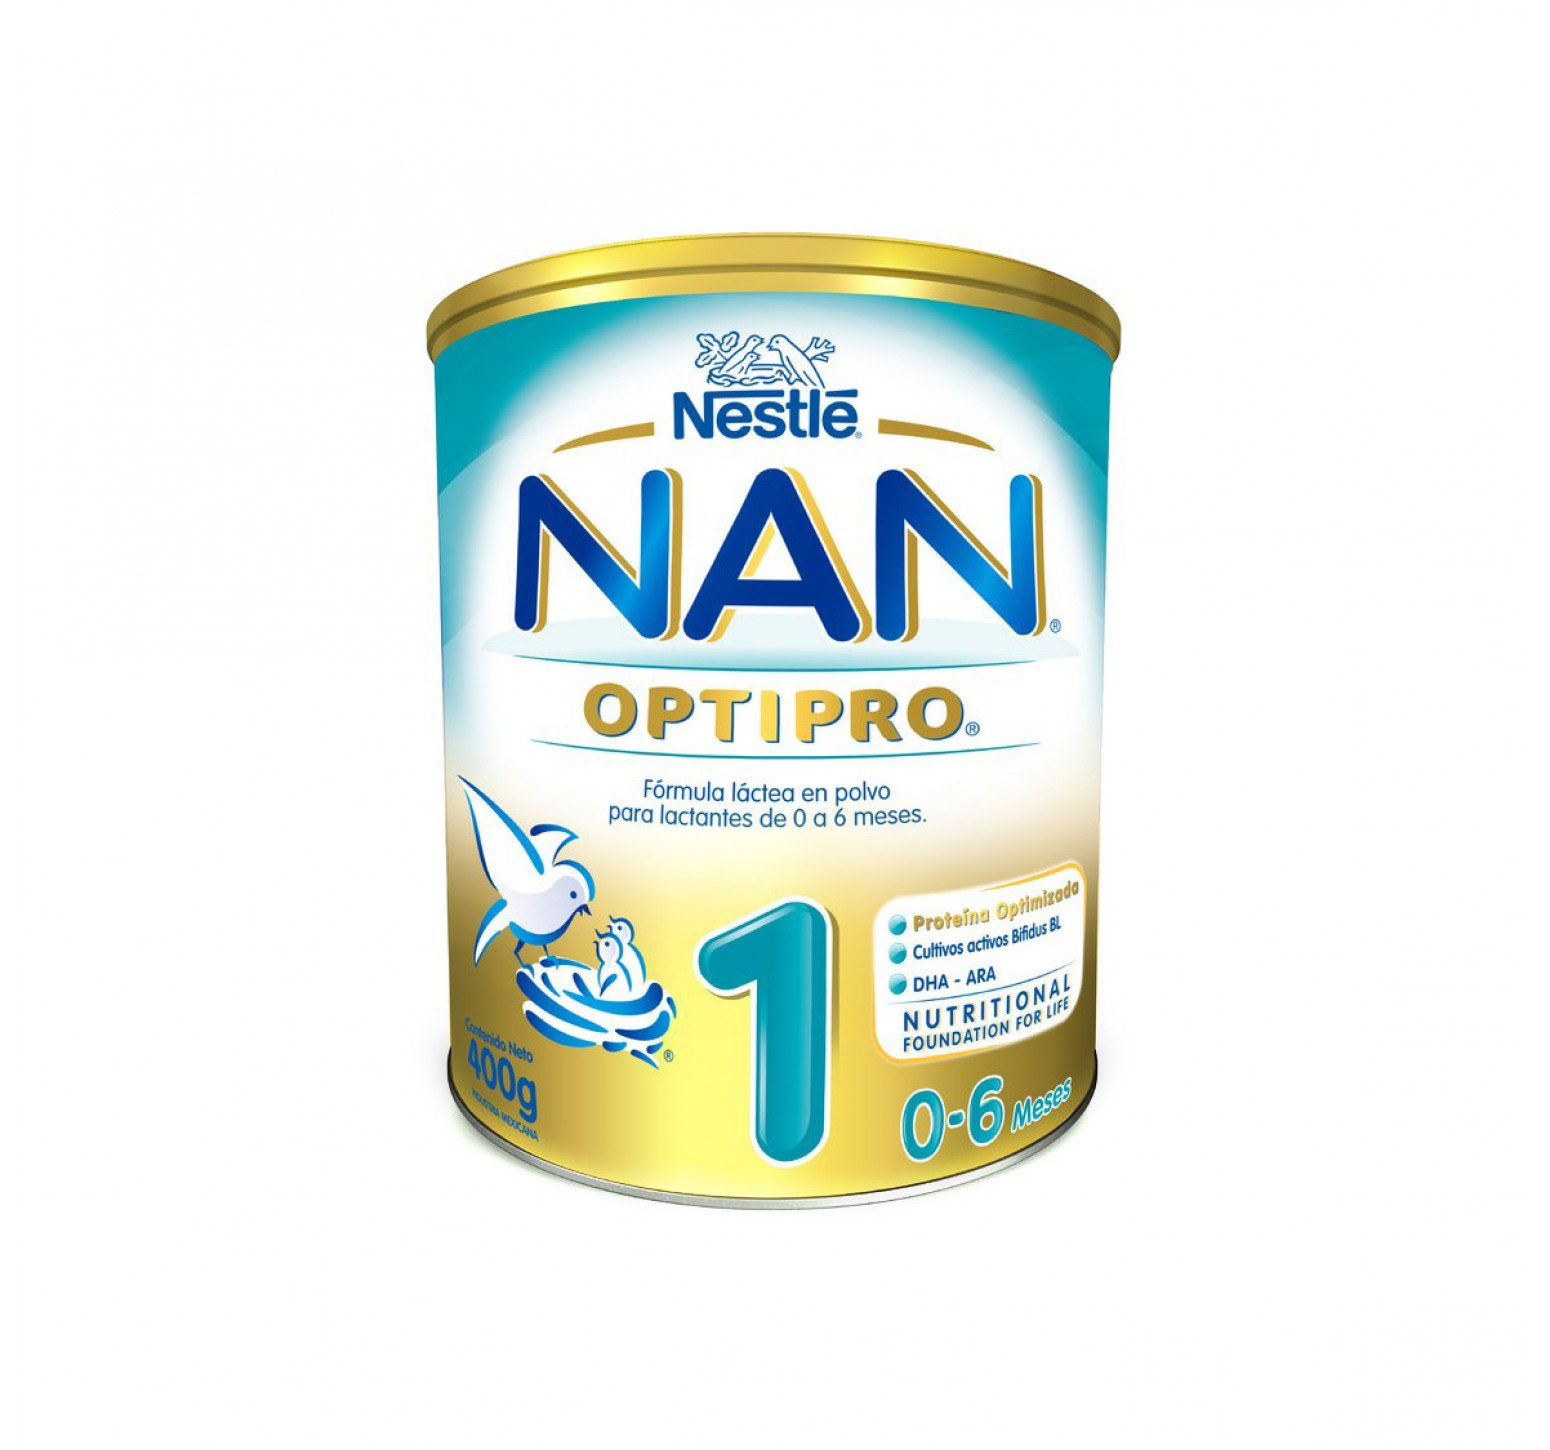 Nestlé Leche en polvo Nan OptiPro 1 (400 gr.)